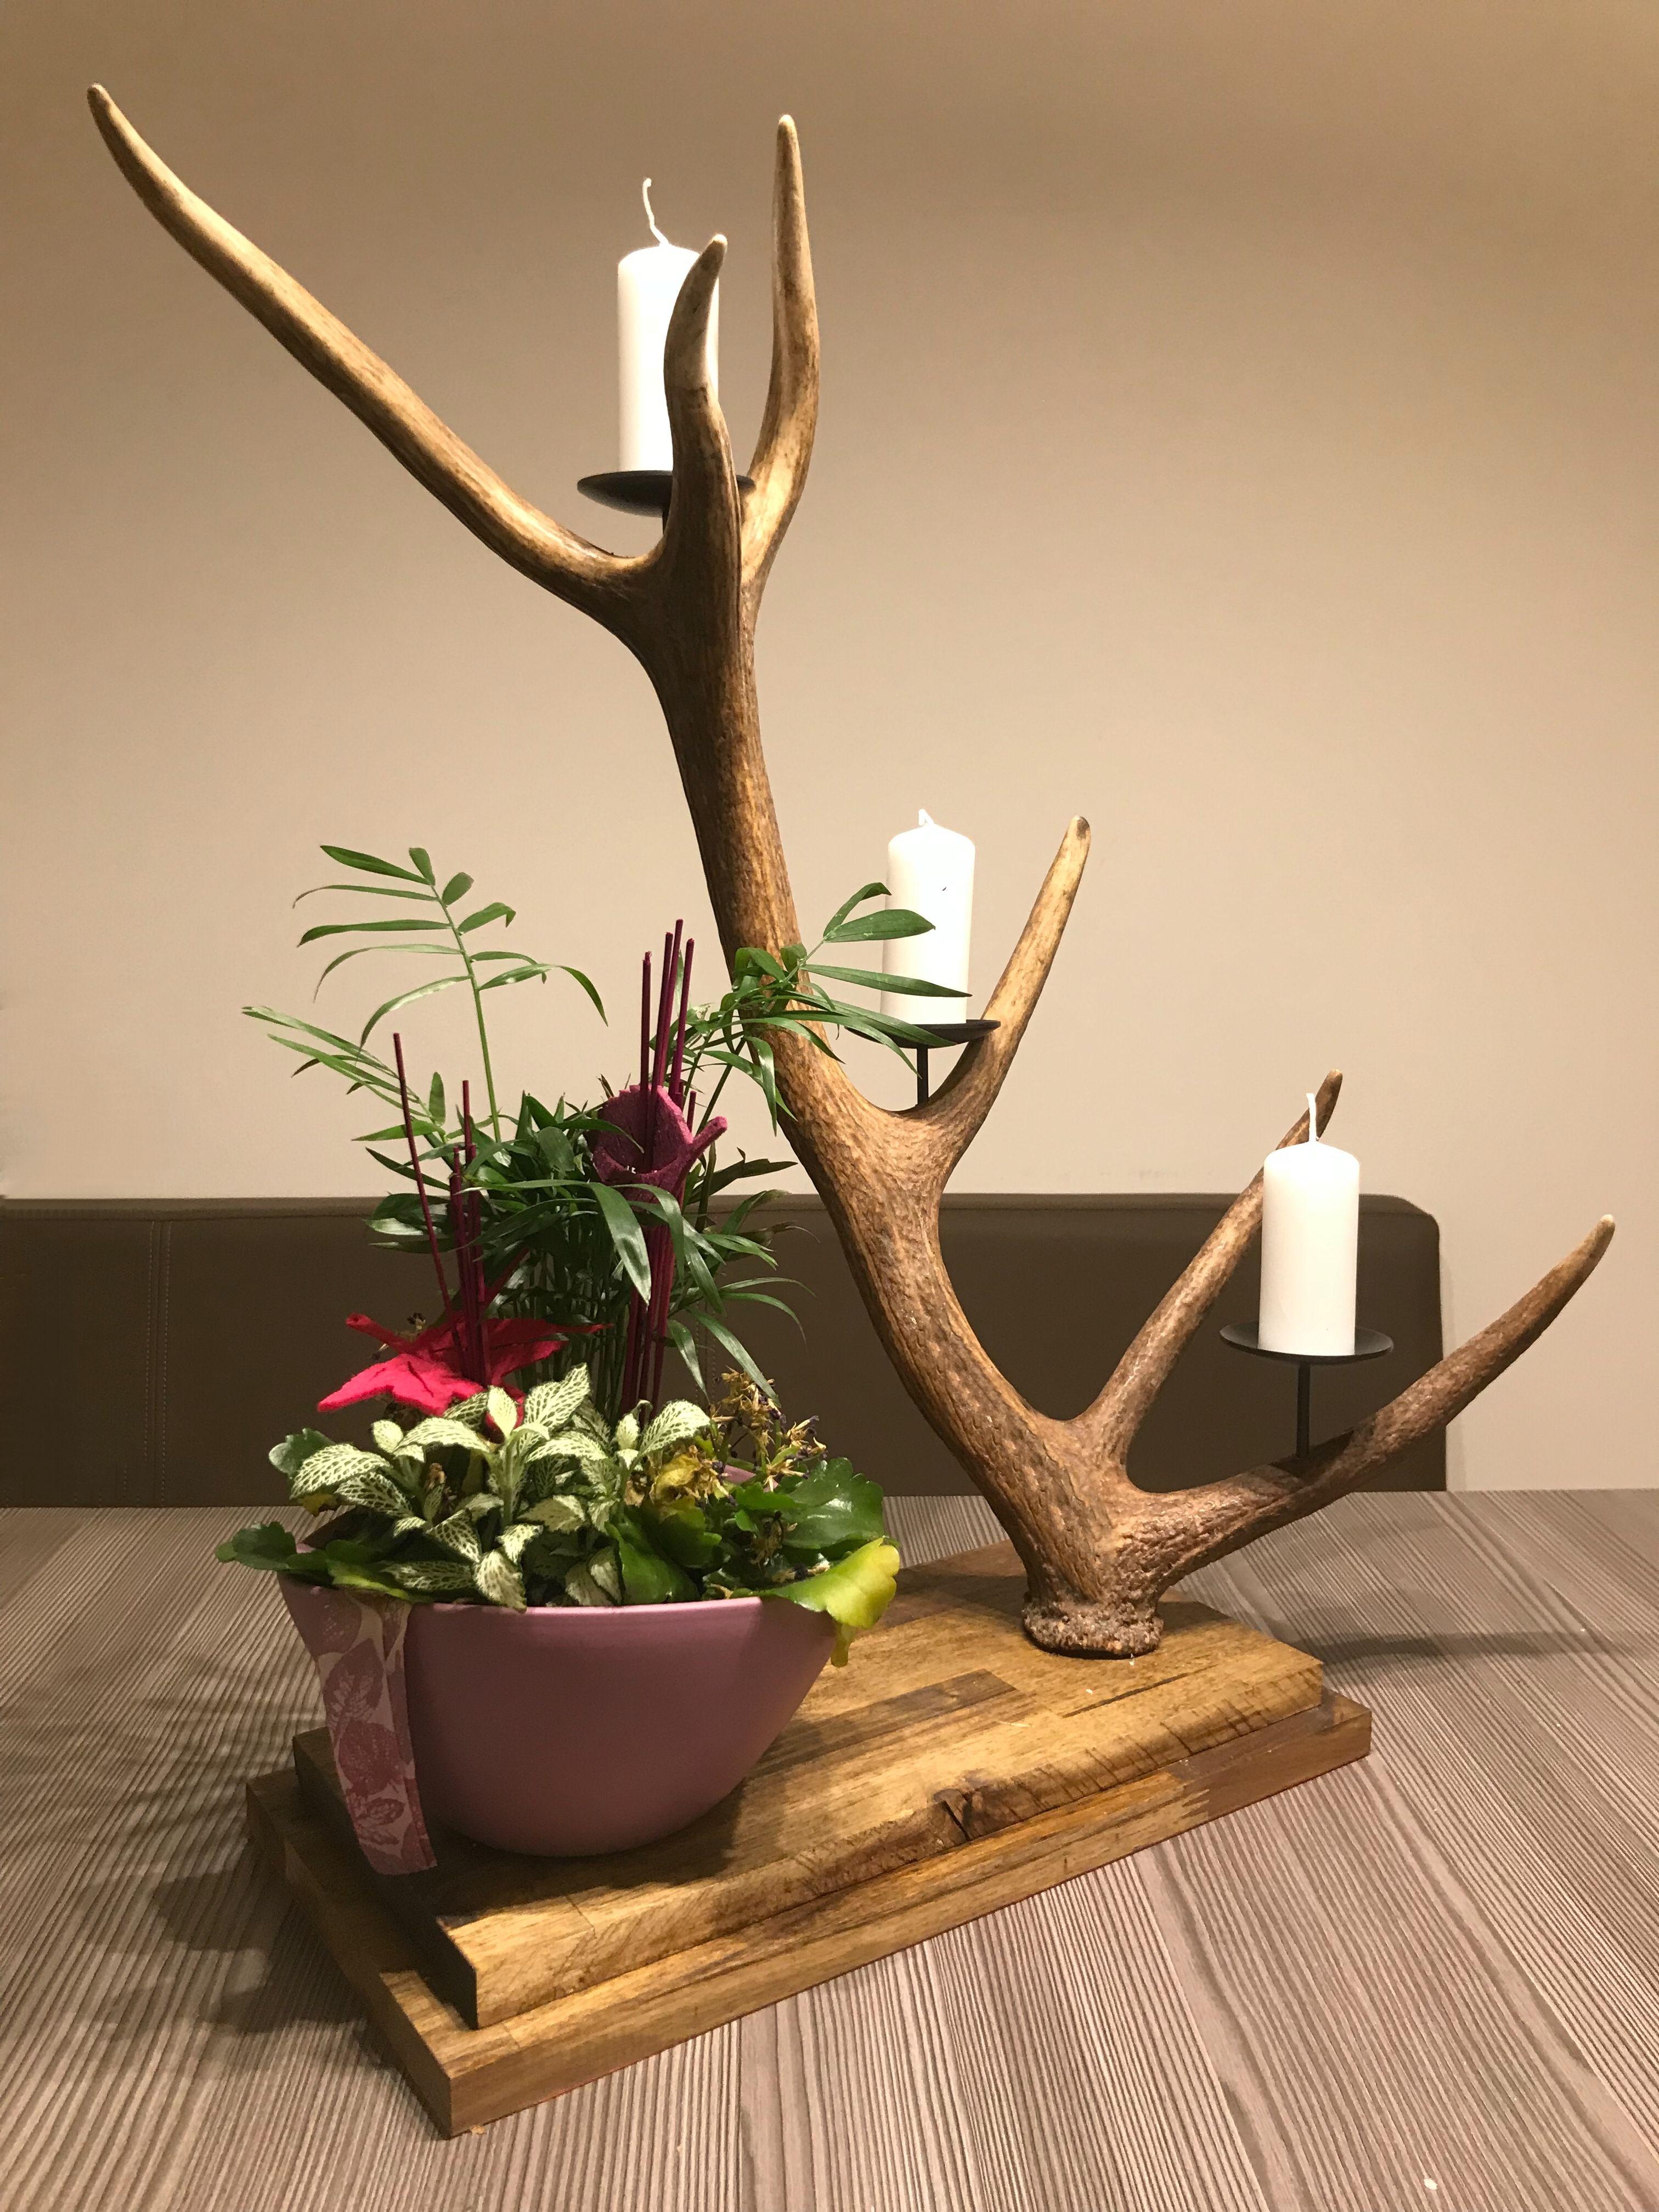 kerzenhalter aus geweih ist ein hervorragendes geschenk f r jeden j ger pinterest. Black Bedroom Furniture Sets. Home Design Ideas